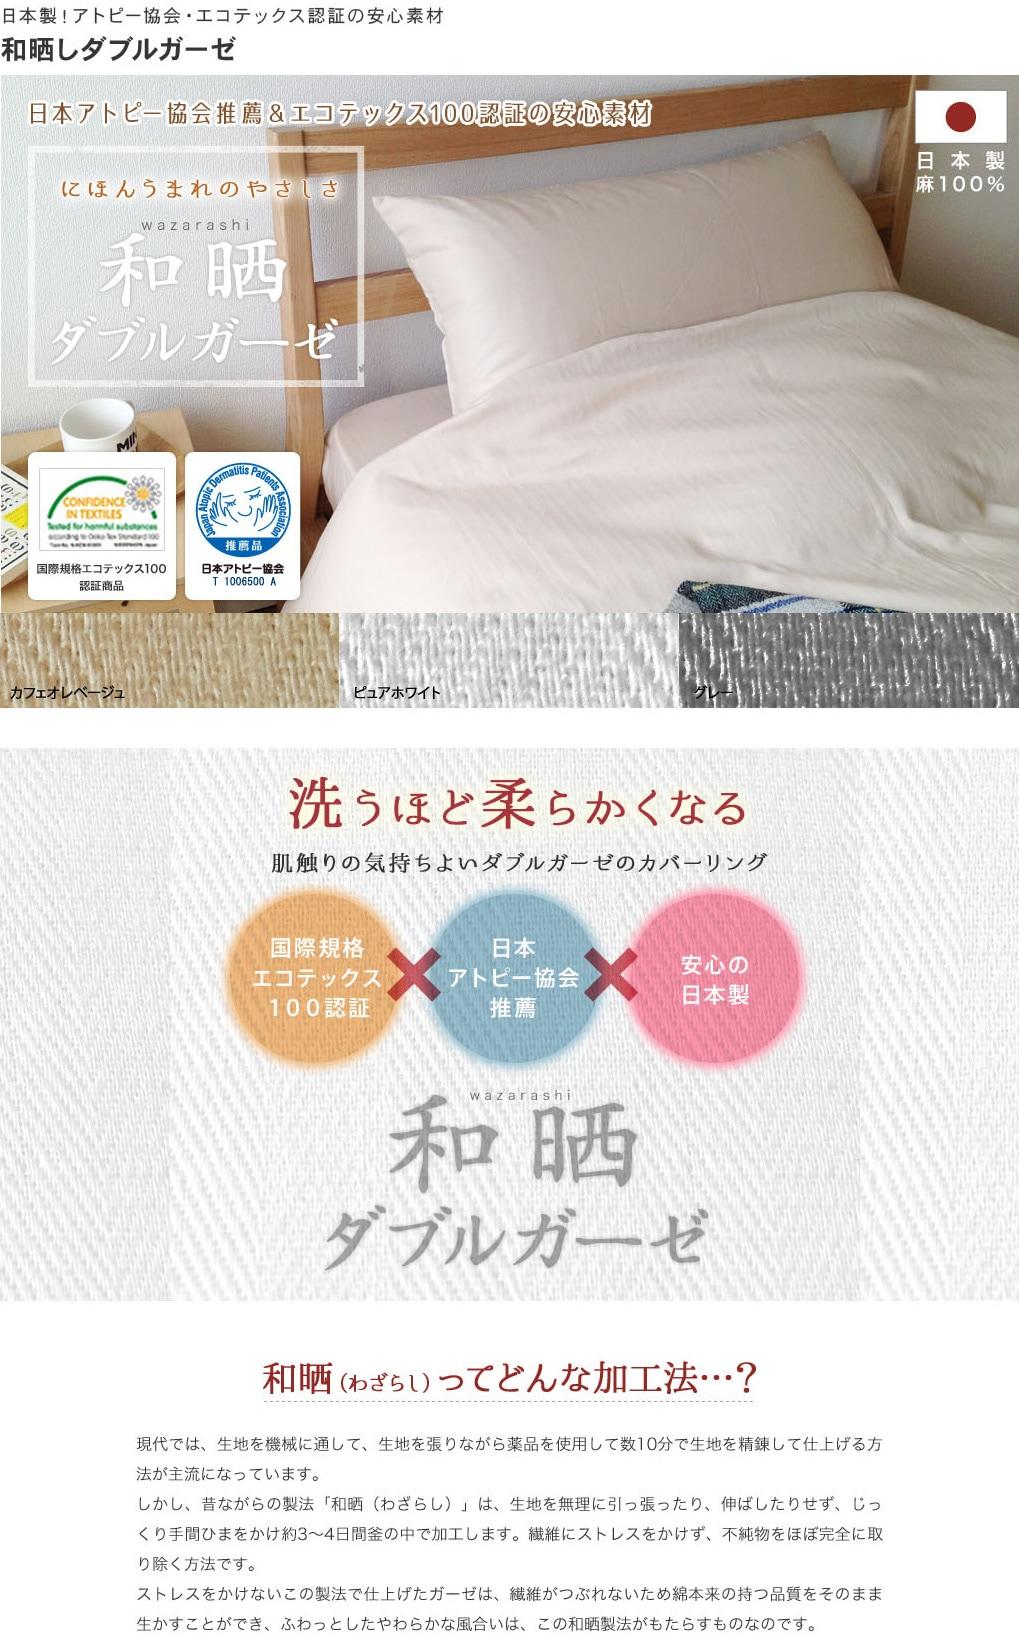 日本製!アトピー協会・エコテックス認証の安心素材  わざらダブルガーゼ